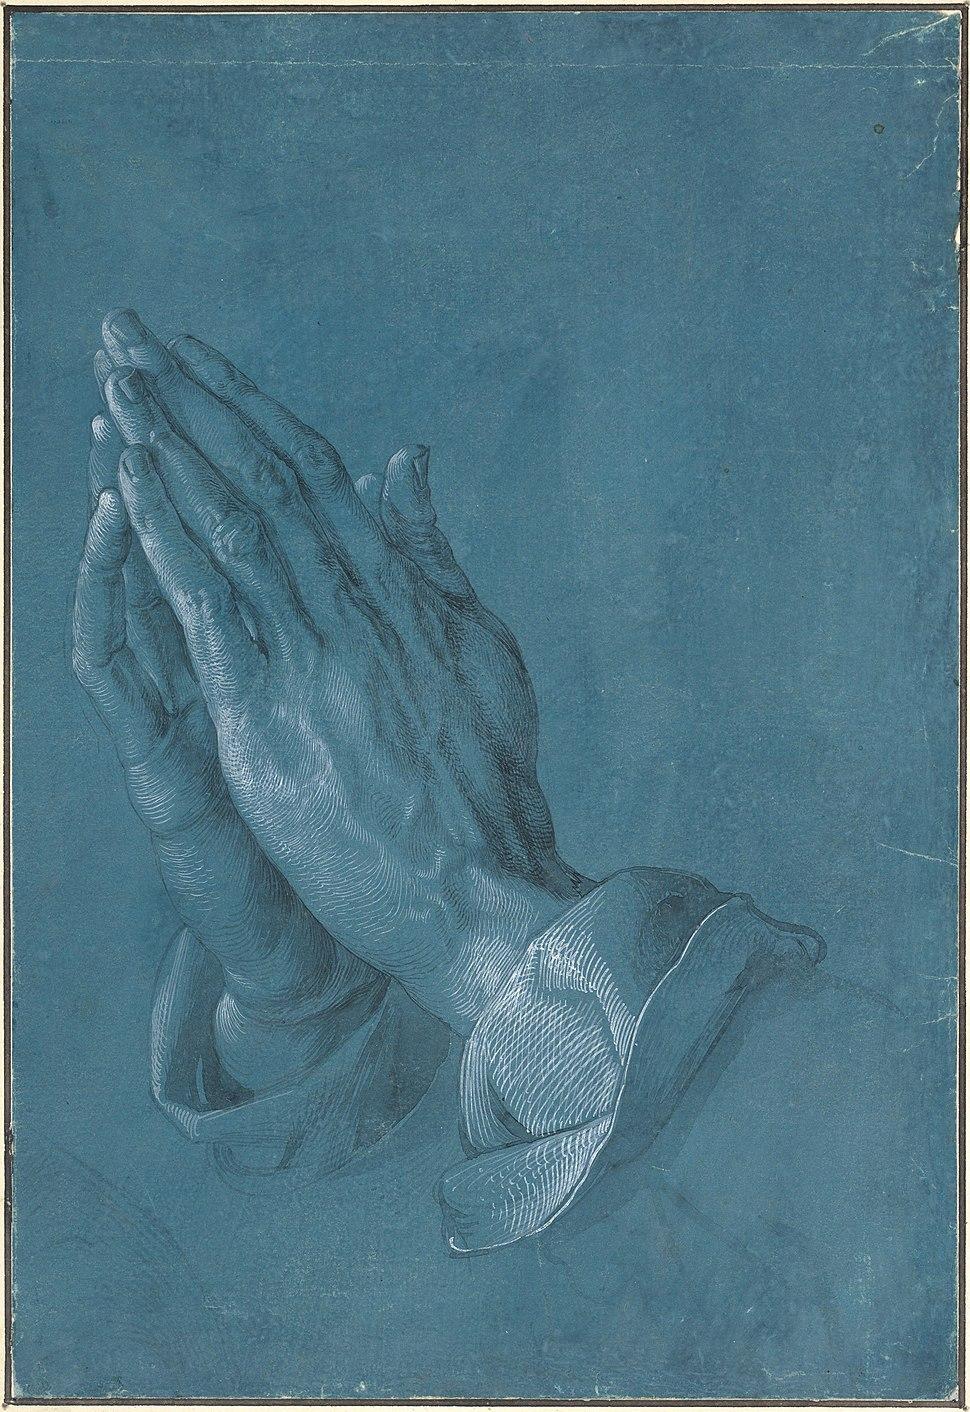 Albrecht Dürer - Praying Hands, 1508 - Google Art Project